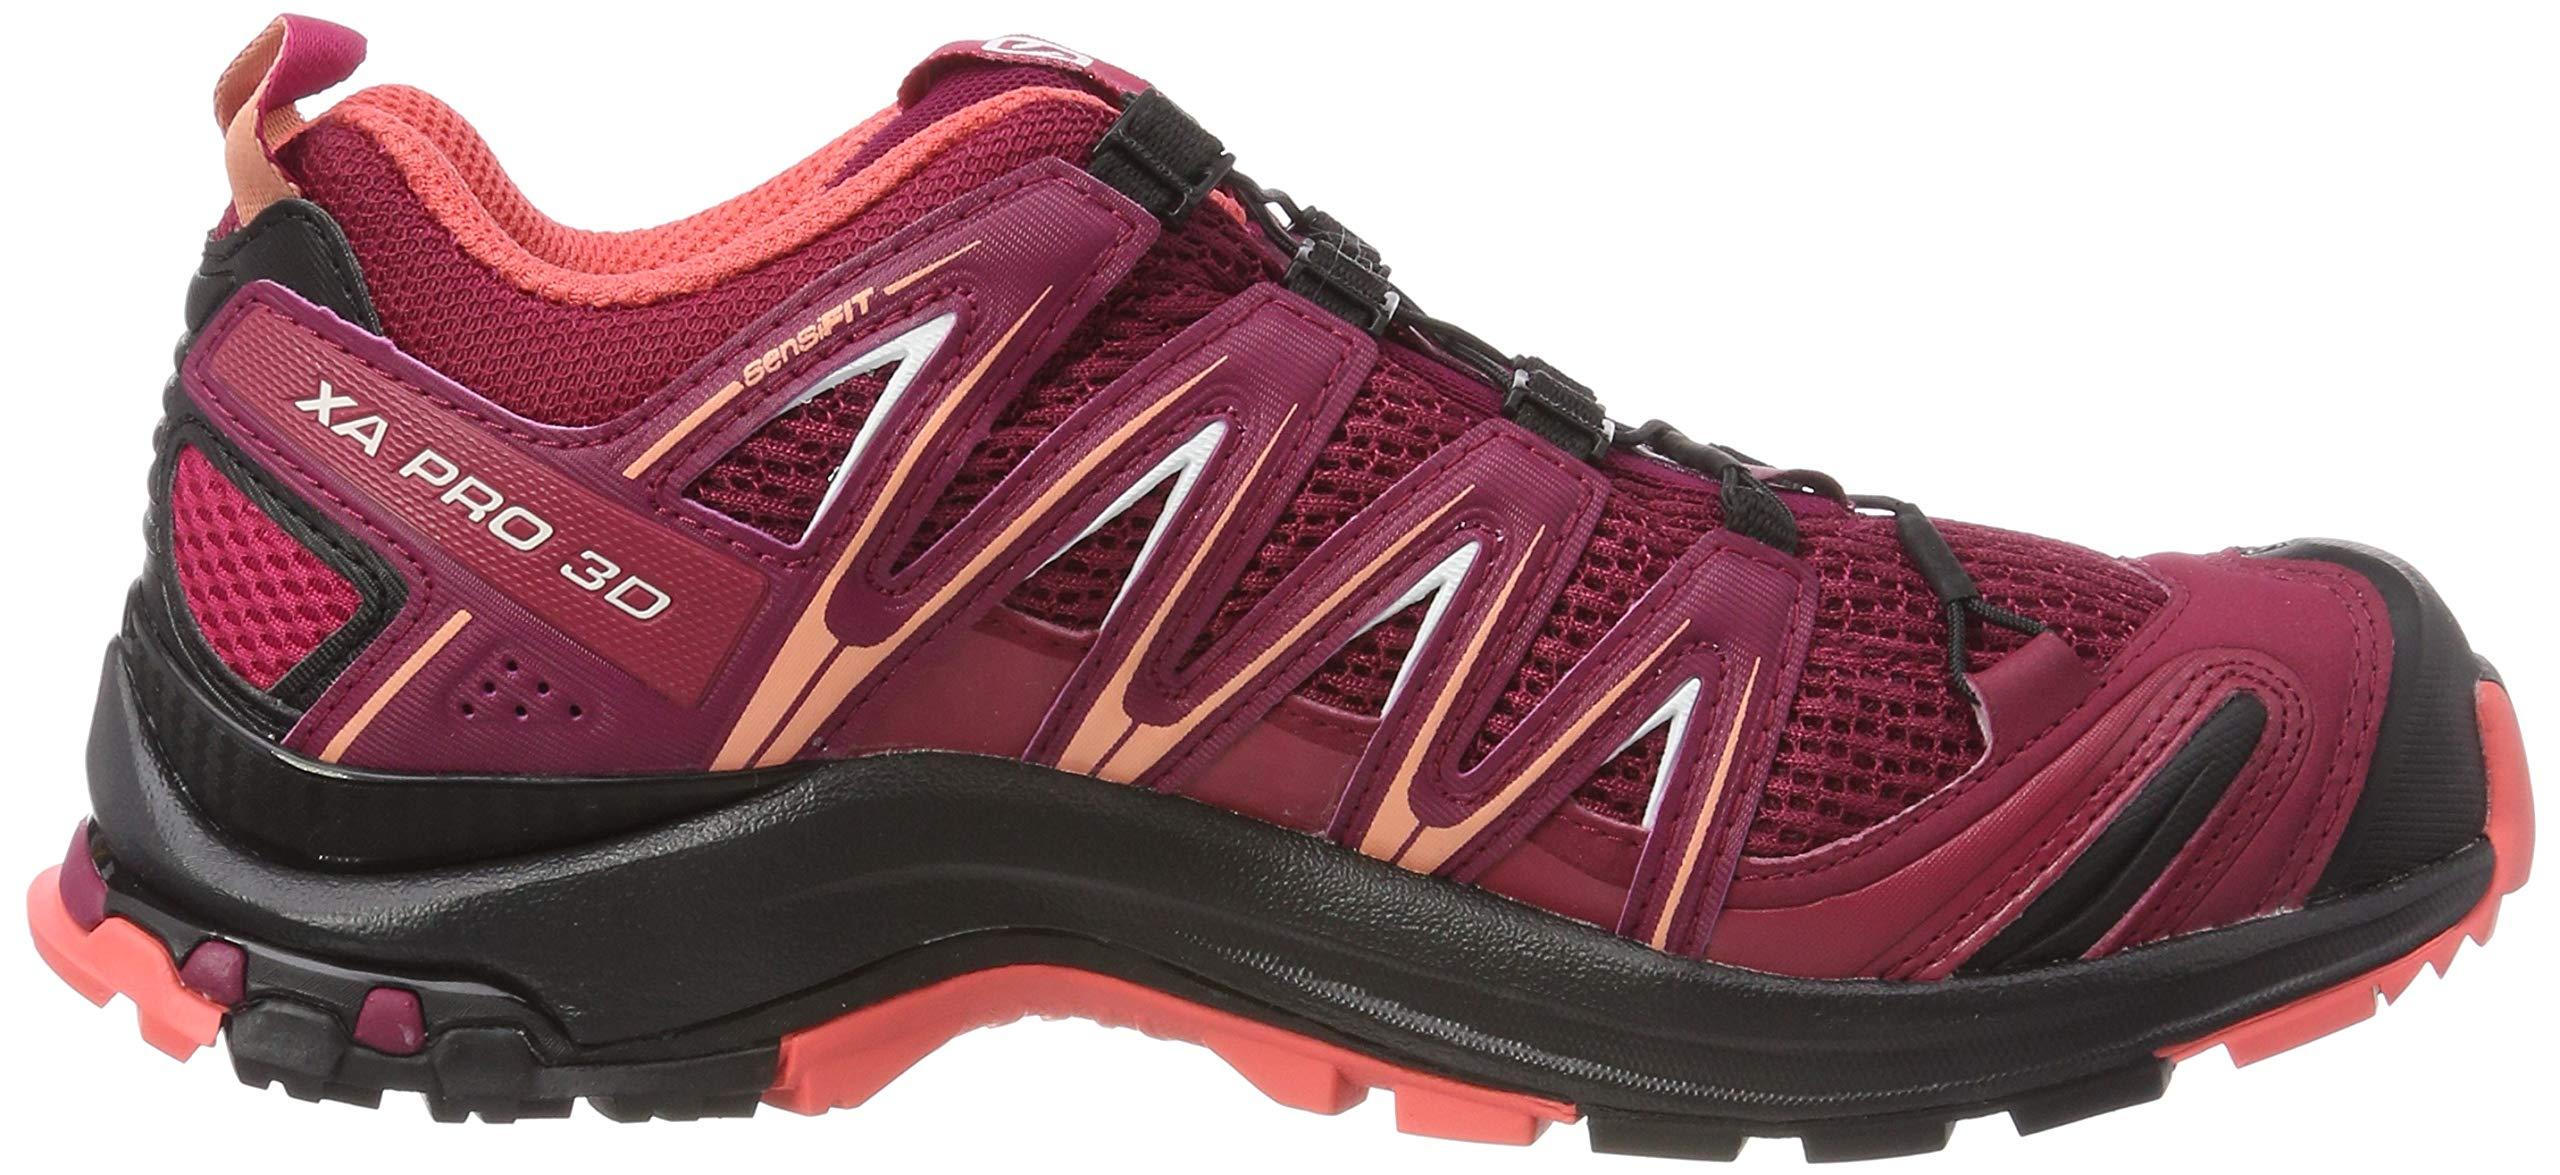 81NOyNjv34L - SALOMON Women's Xa Pro 3D W Trail Running Shoes